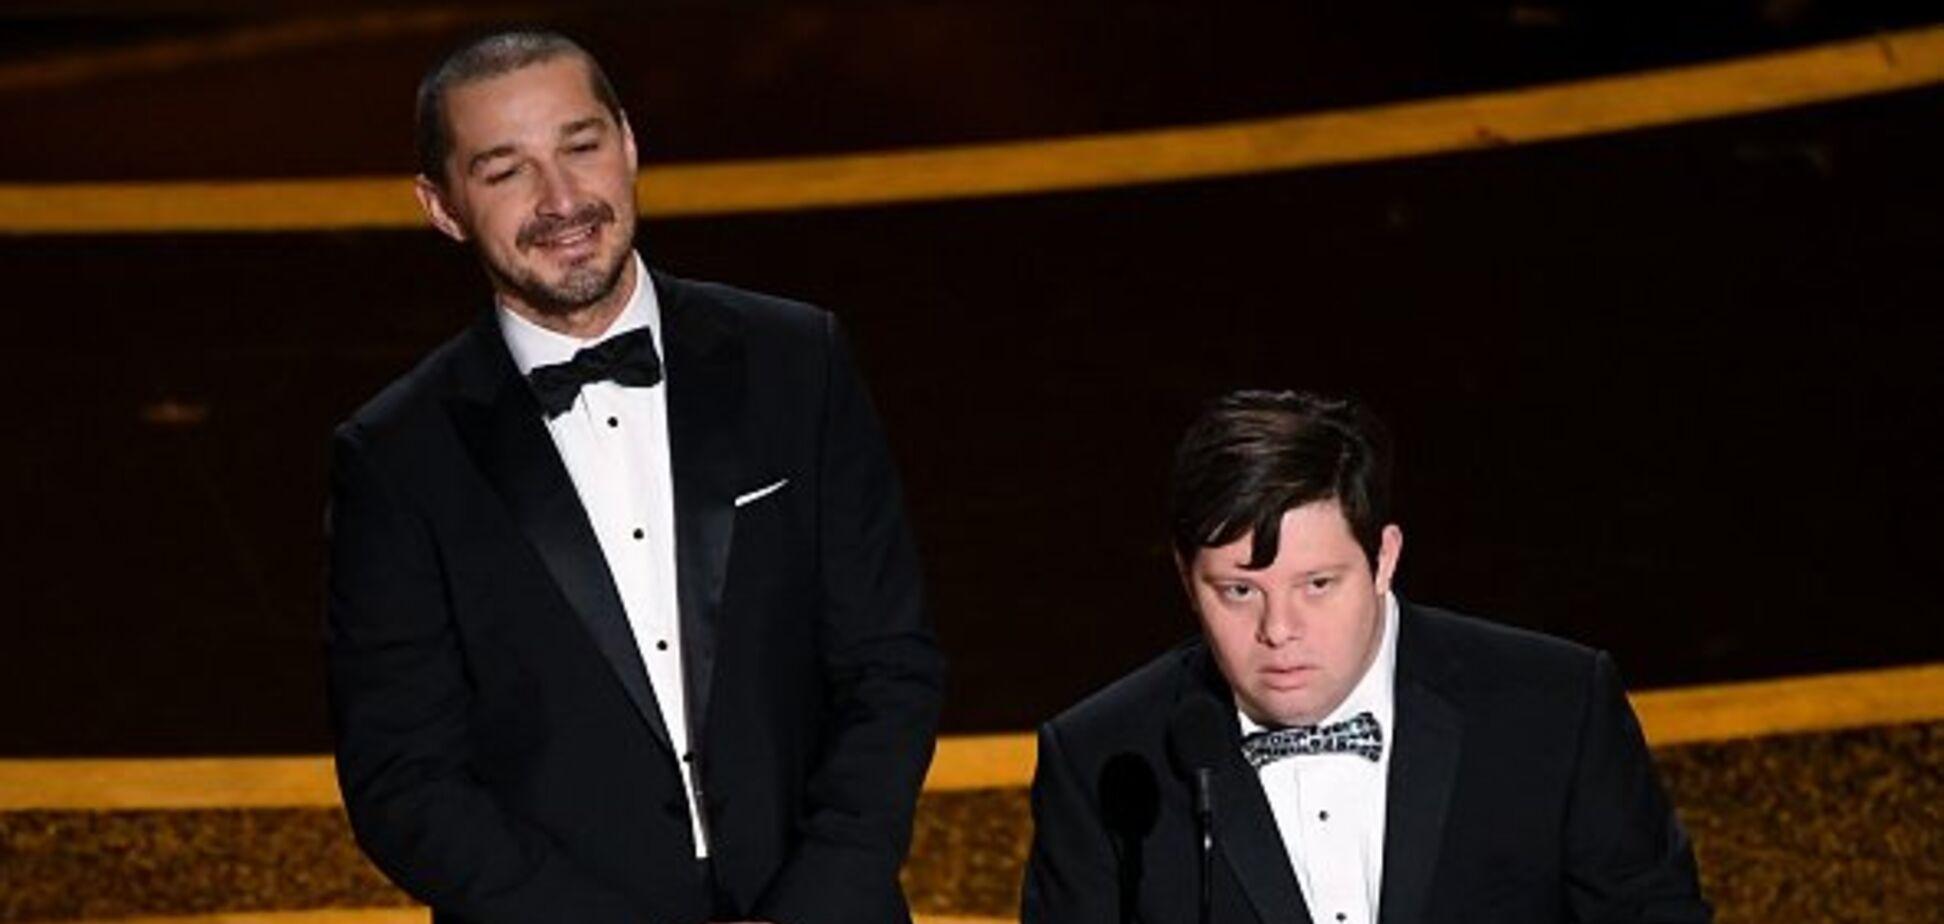 На 'Оскаре' посмеялись над актером с синдромом Дауна: в сети разгорелись споры